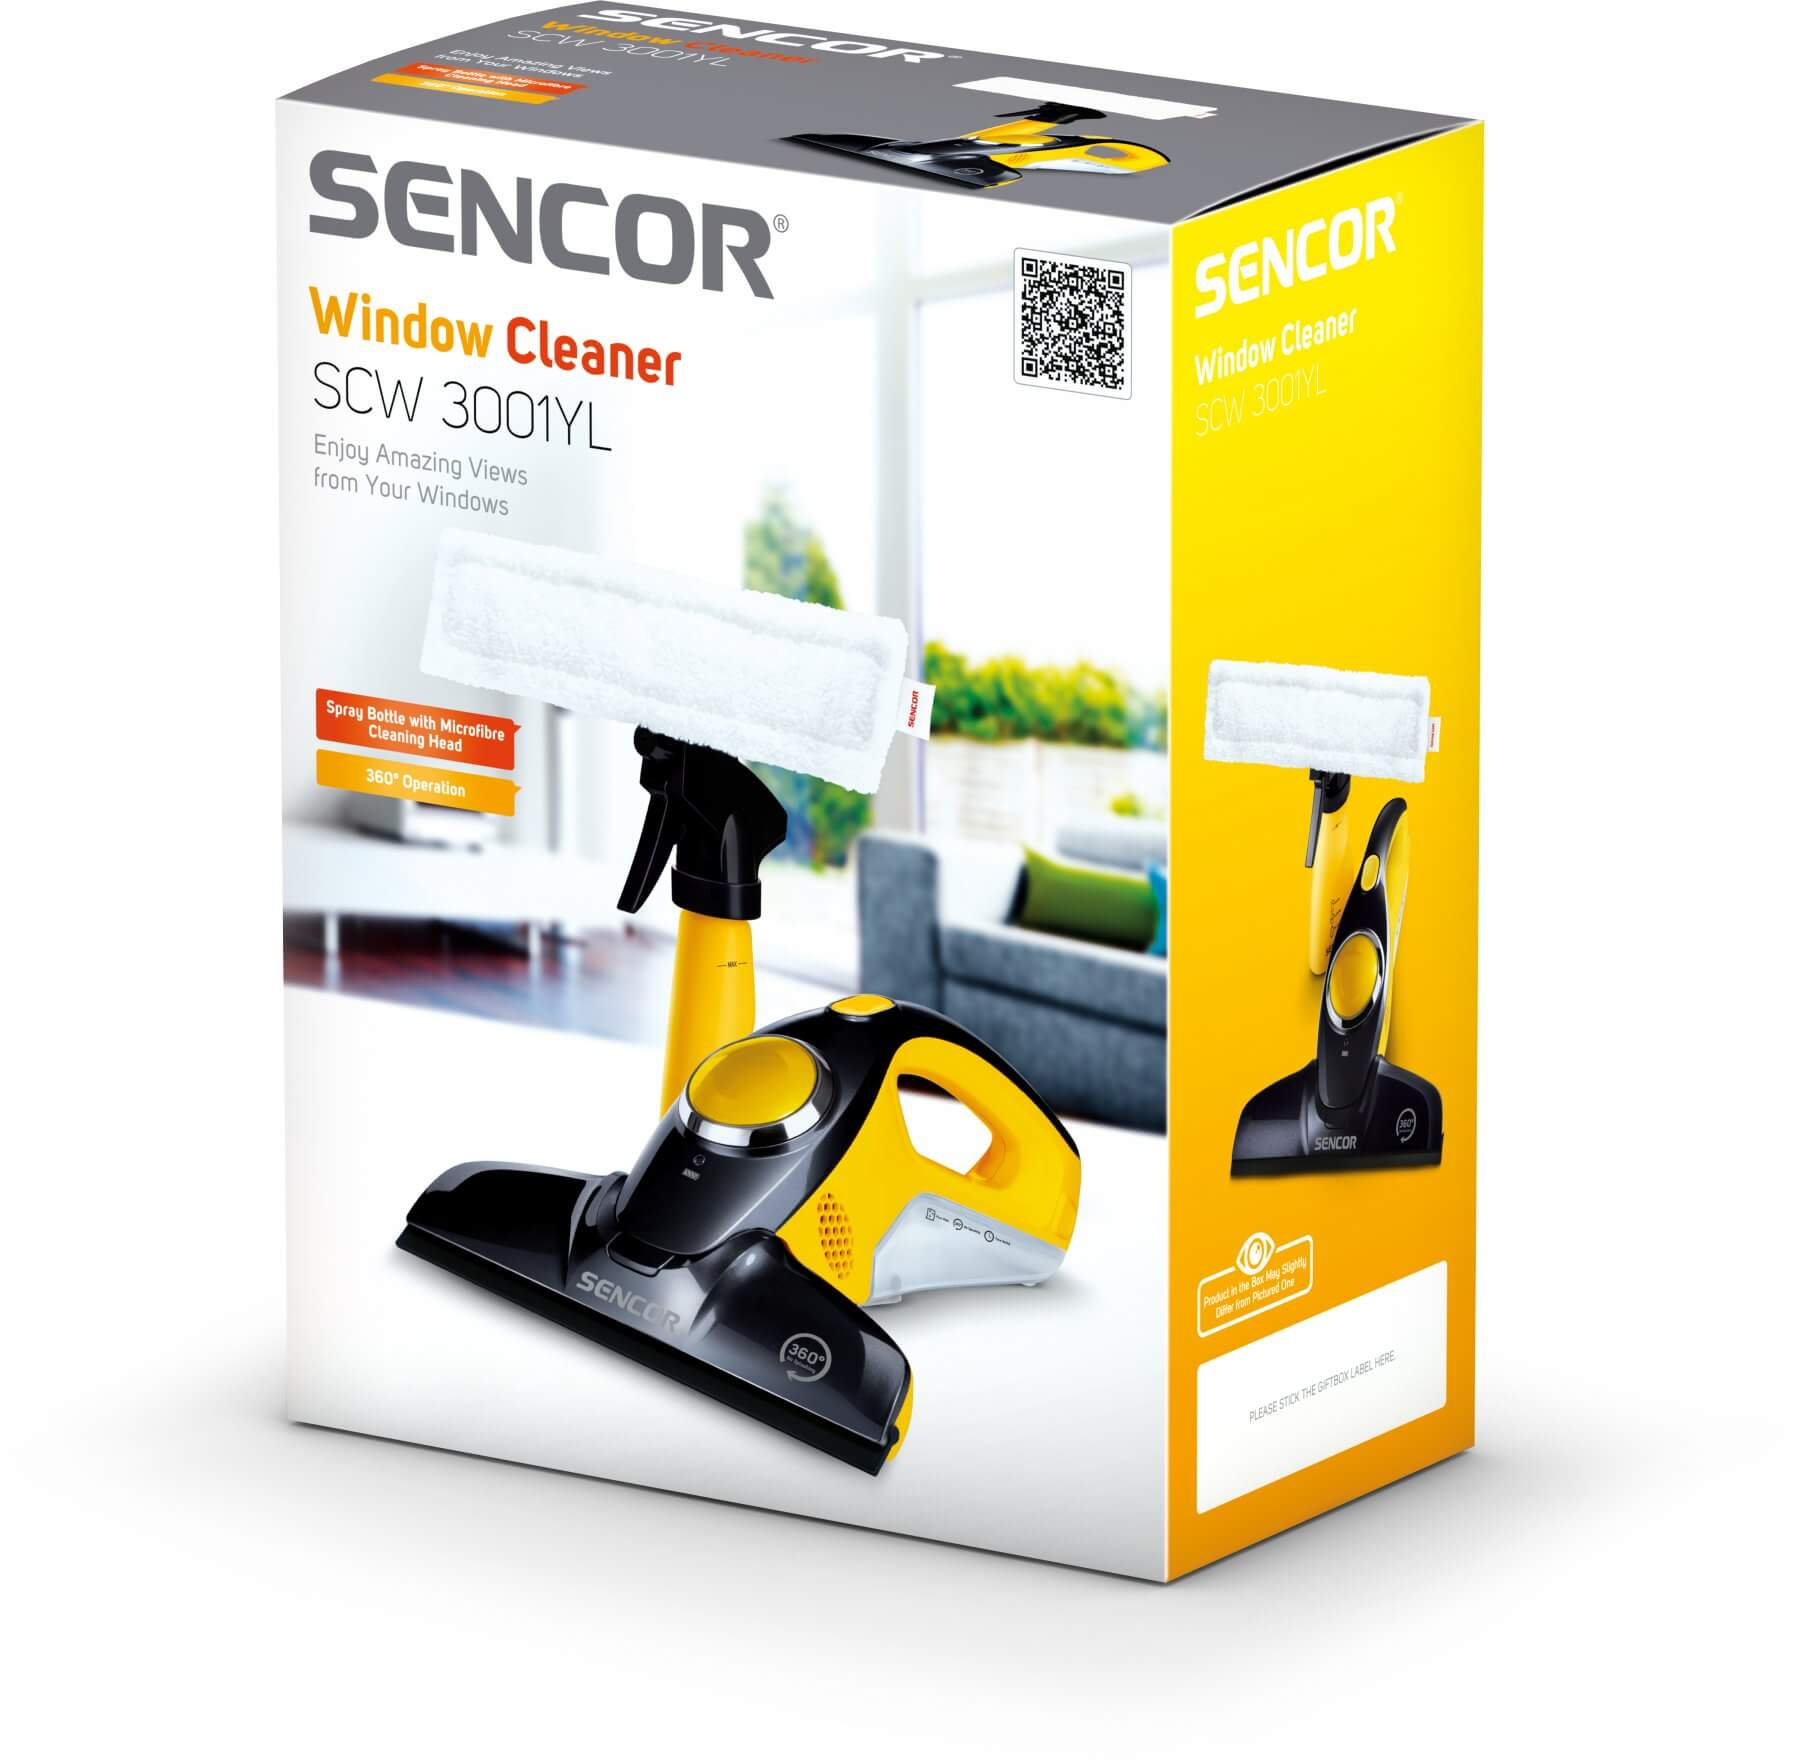 Myjka do okien Sencor SCW 3001YL